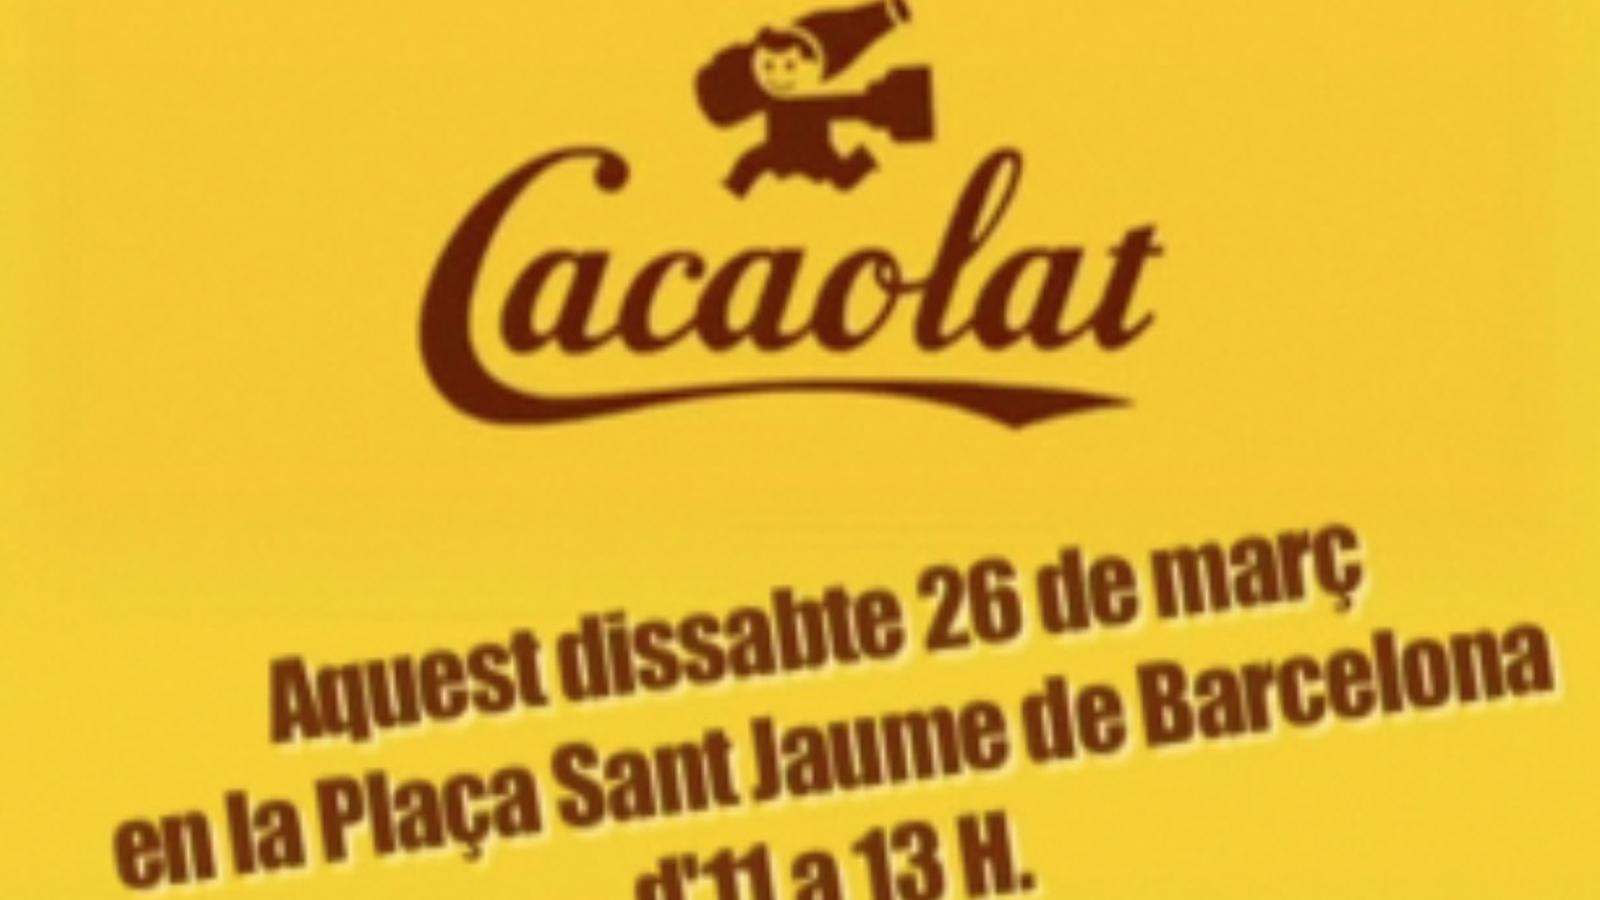 Els treballadors de Cacaolat convoquen a manifestar-se per salvar la marca